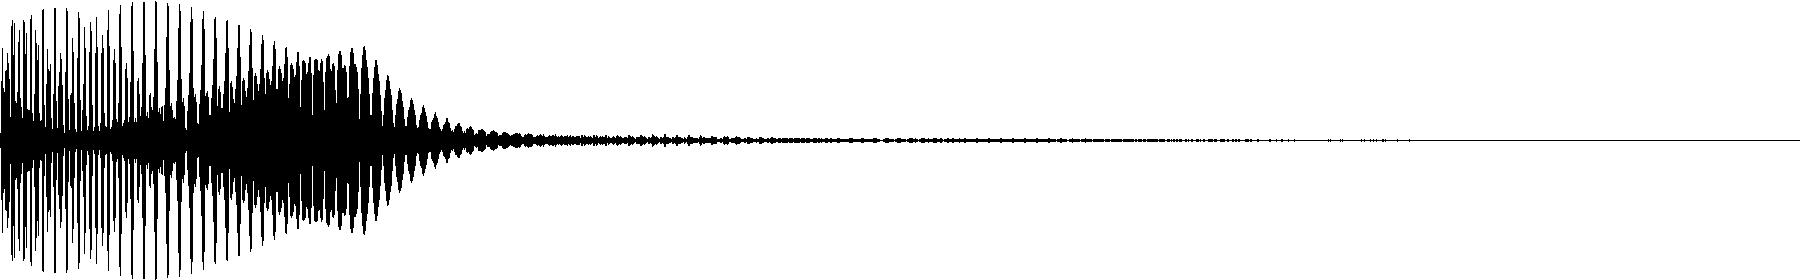 vedh bass cut 143 b